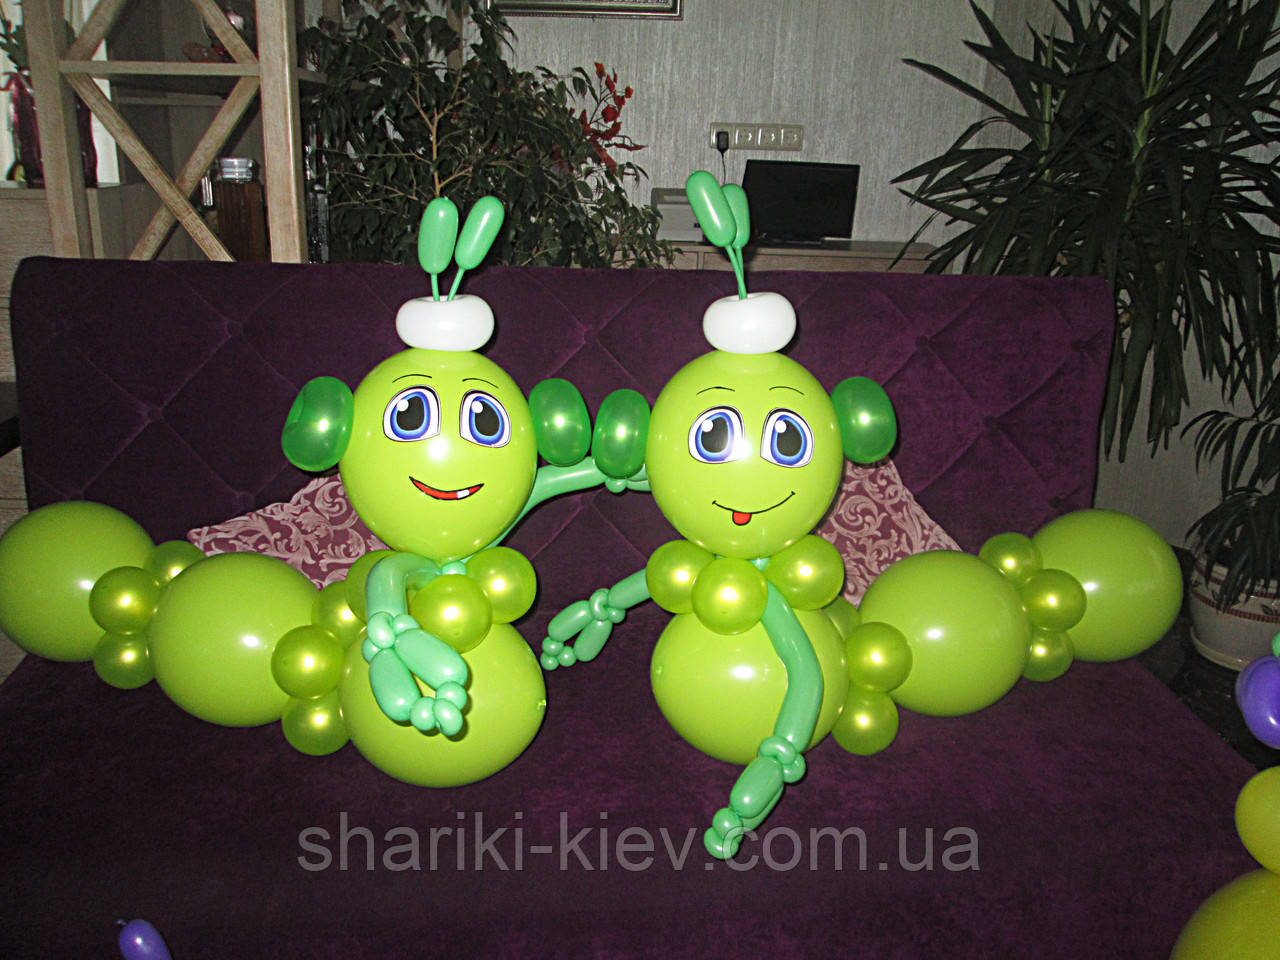 Гусени 2 шт. из воздушных шариков на День рождения